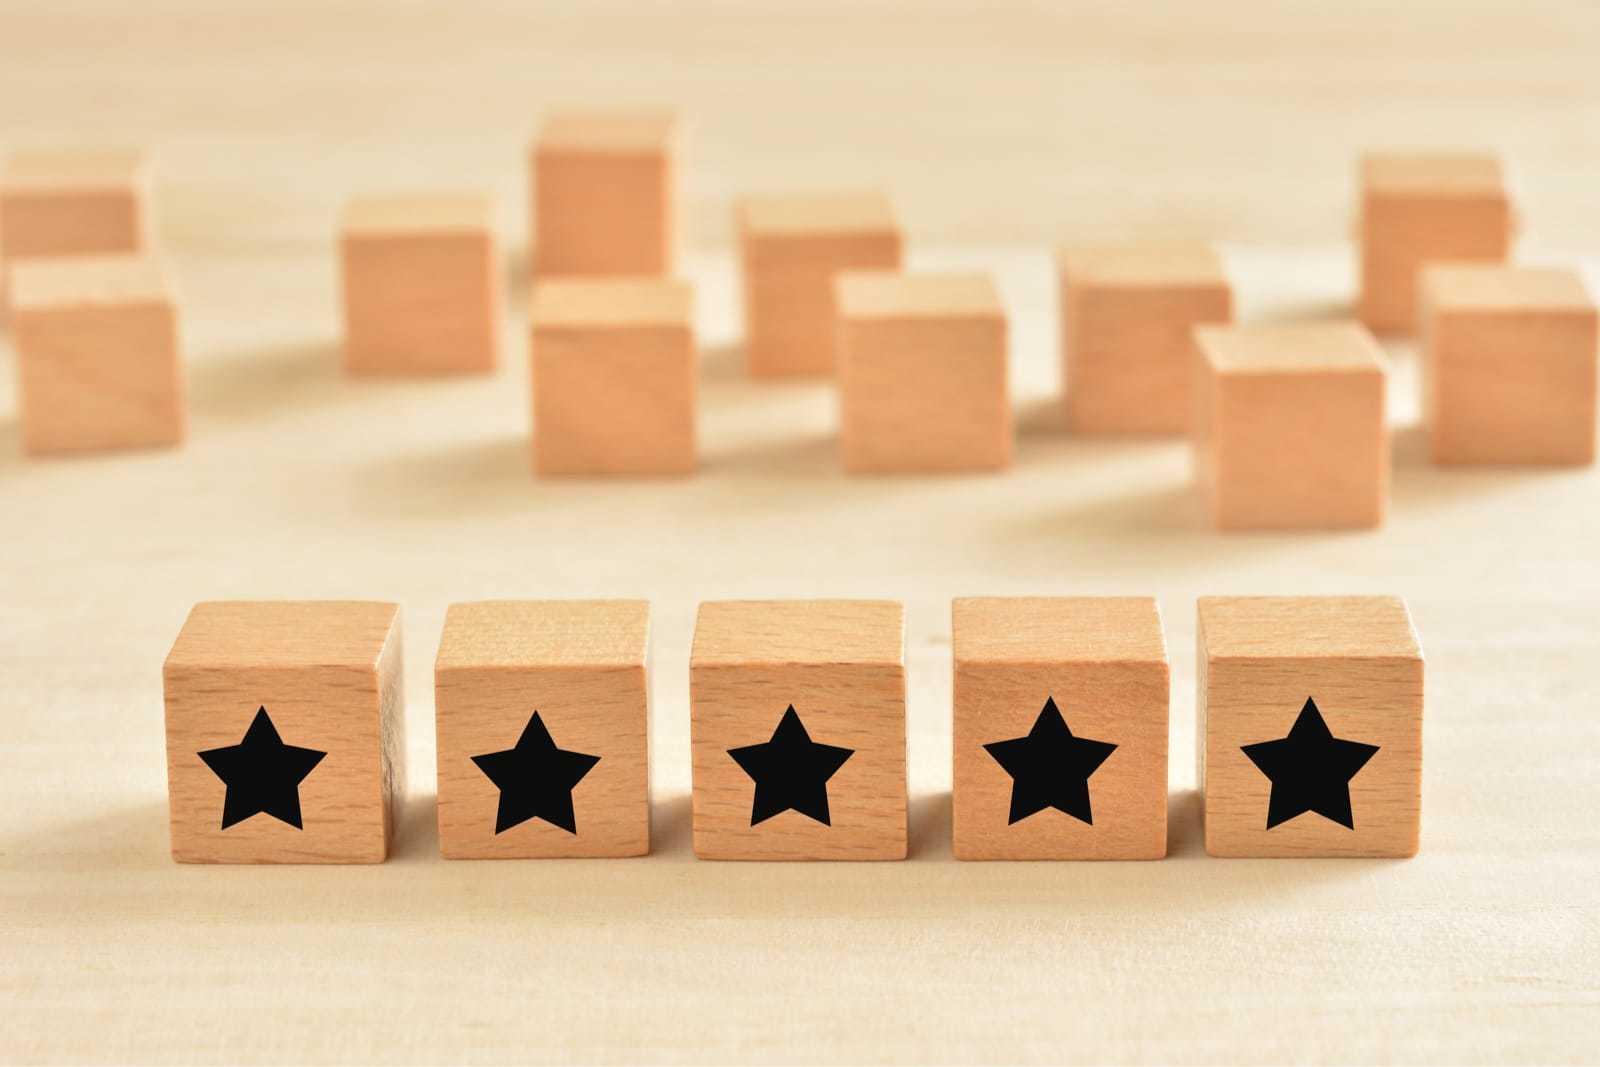 5つの星のブロック